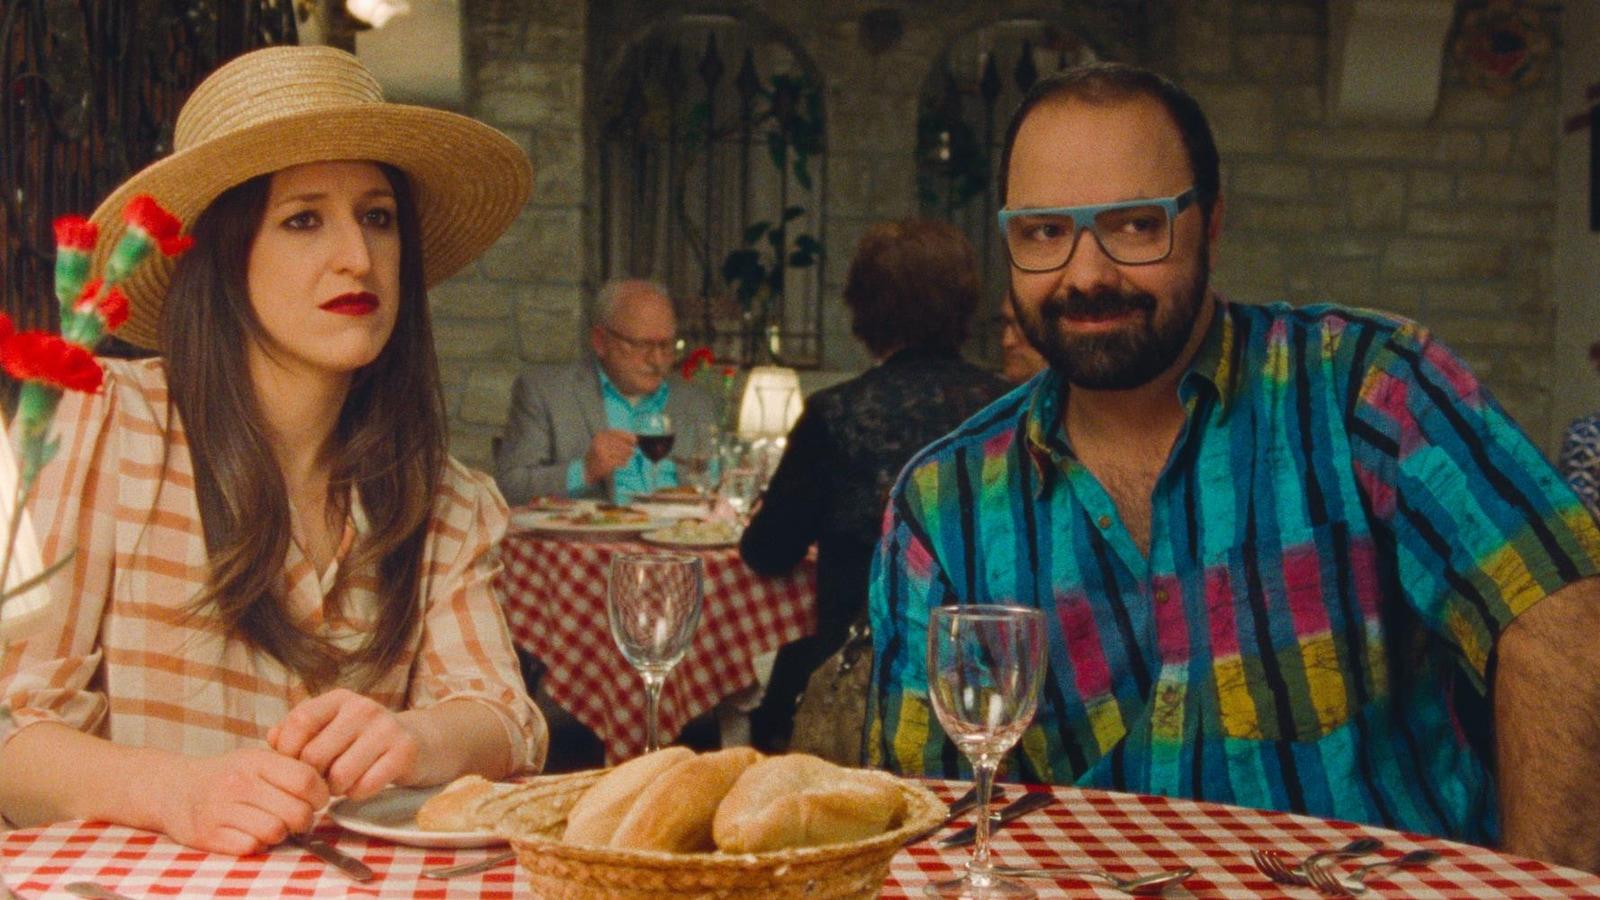 Une femme avec un chapeau (Anne-Élisabeth Bossé) et une homme portant une chemise colorée (Mani Soleymanlou) attablés à un restaurant.